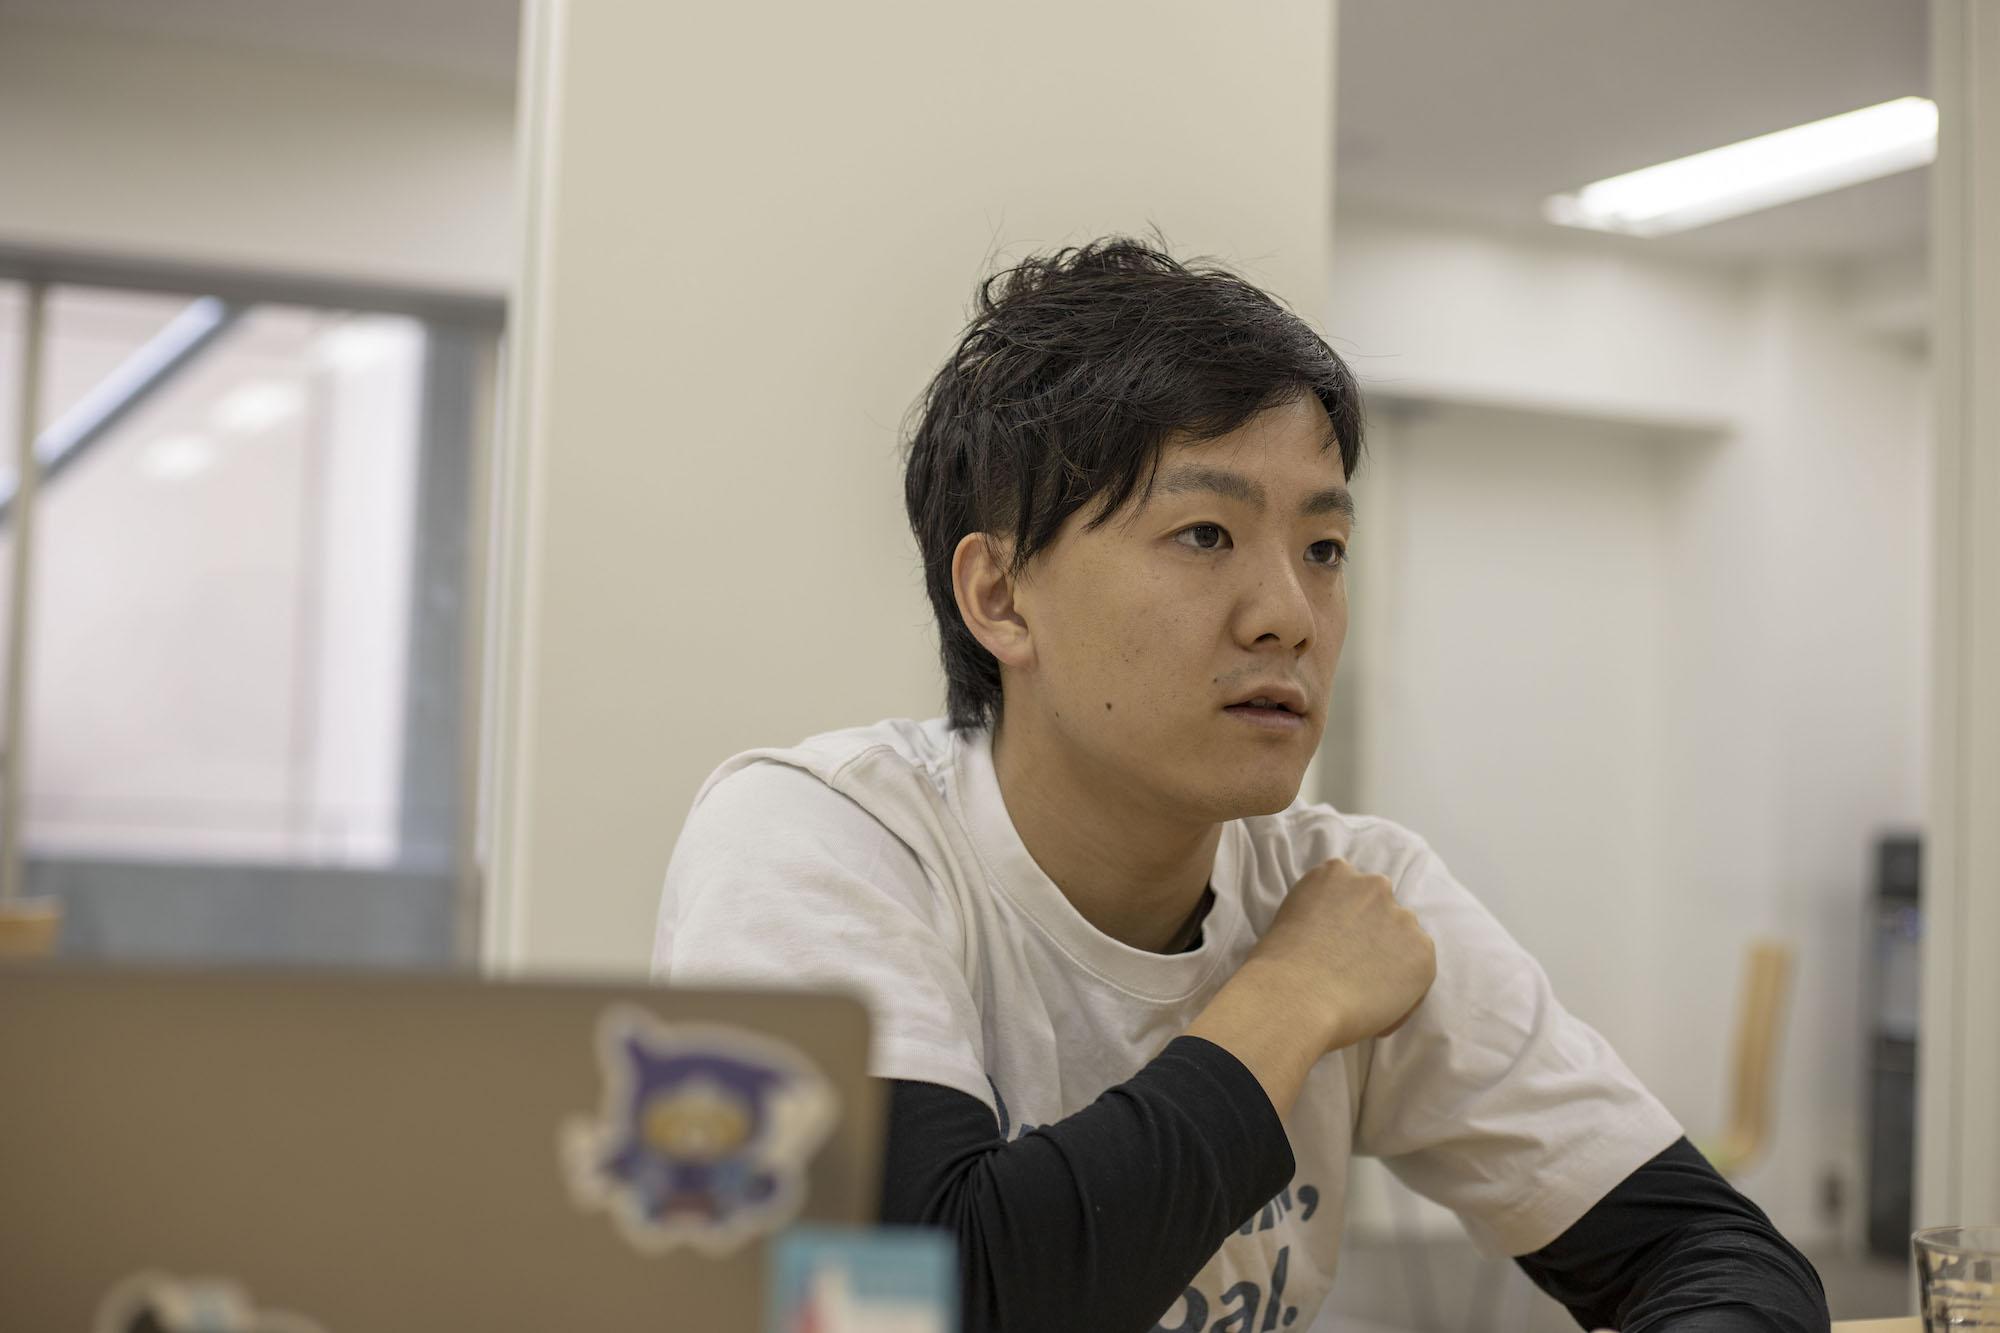 今学生に戻ったら、イケてる企業でエンジニアインターンする--加藤將倫 #私のタイムスケジュール